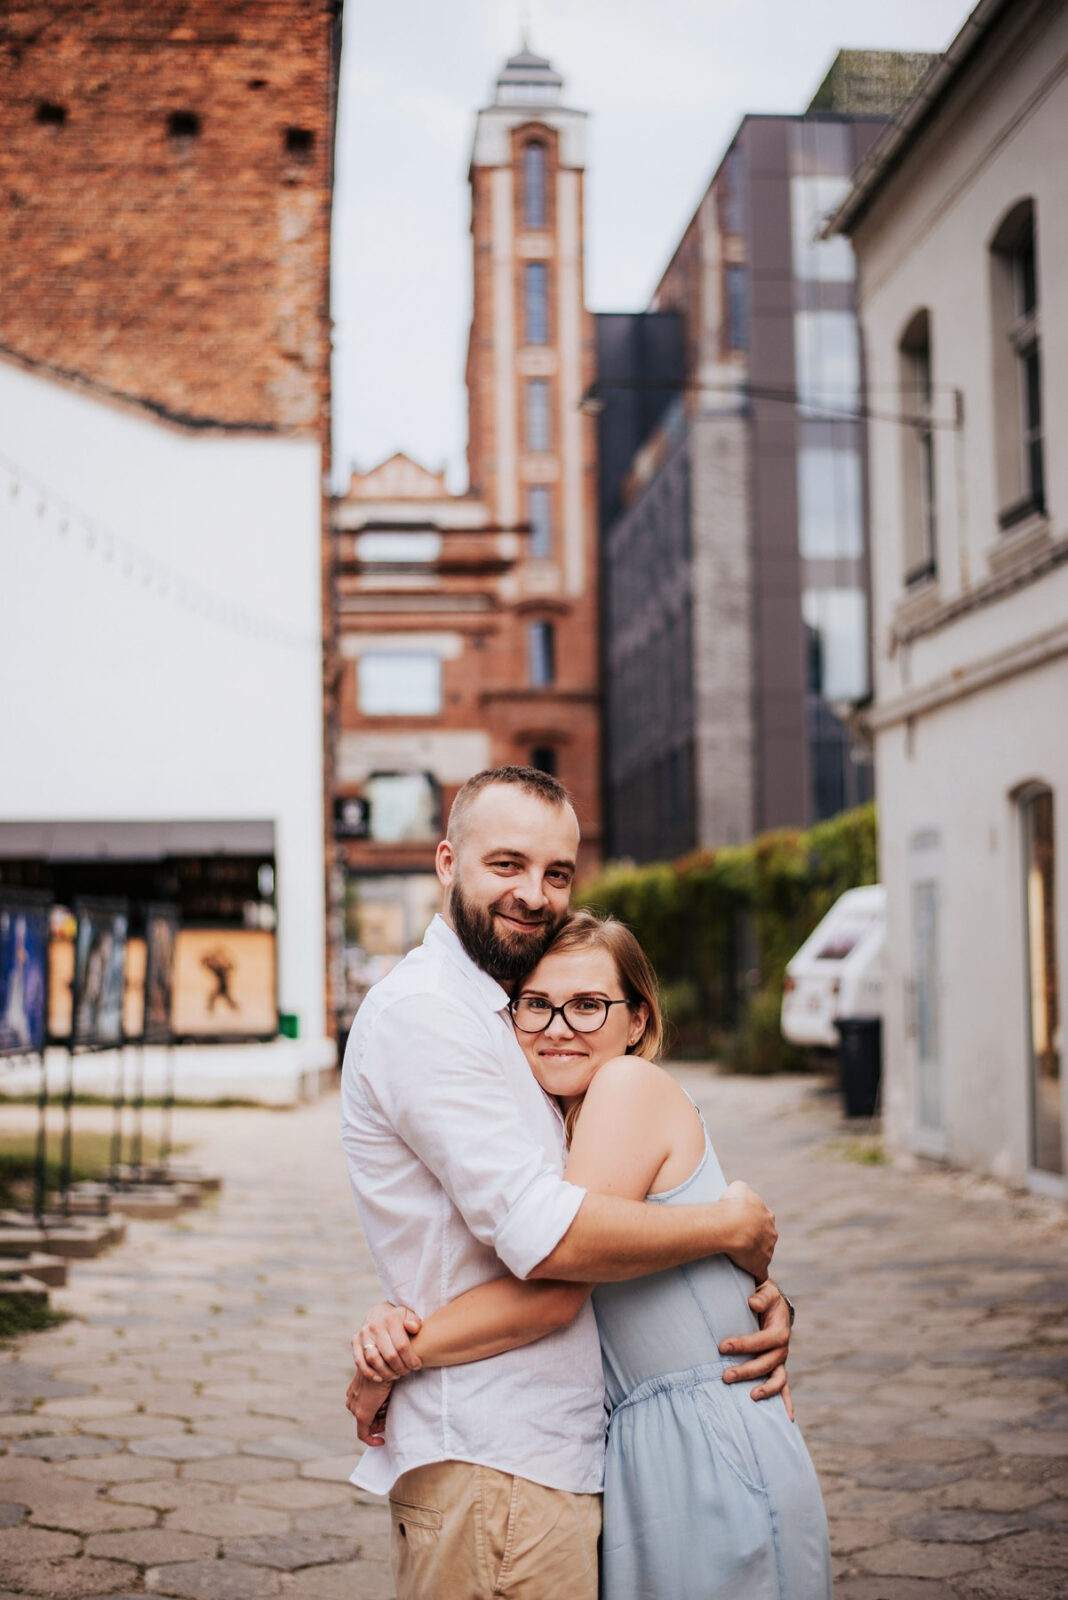 Ania+Artur+Jagódka - OFF Piotrkowska sesja rodzinna